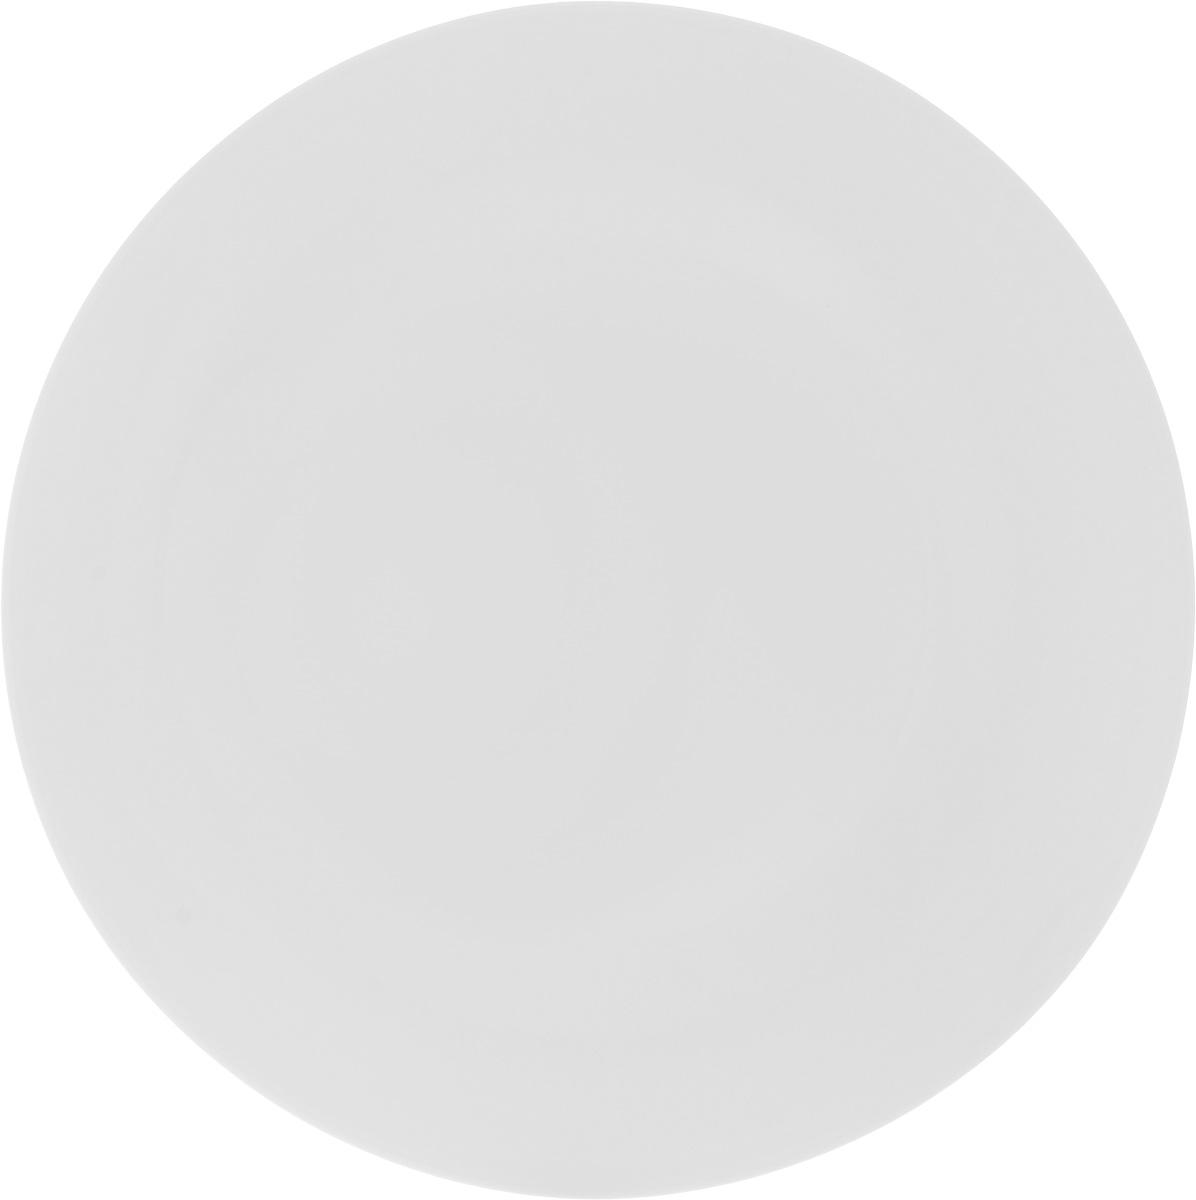 Тарелка обеденная Luminarc Presidence Bone, диаметр 26,5 смG9290Обеденная тарелка Luminarc Presidence Bone, изготовленная из высококачественного стекла, имеет изысканный внешний вид. Яркий дизайн придется по вкусу и ценителям классики, и тем, кто предпочитает утонченность. Тарелка Luminarc Presidence Bone идеально подойдет для сервировки стола и станет отличным подарком к любому празднику. Диаметр (по верхнему краю): 26,5 см.